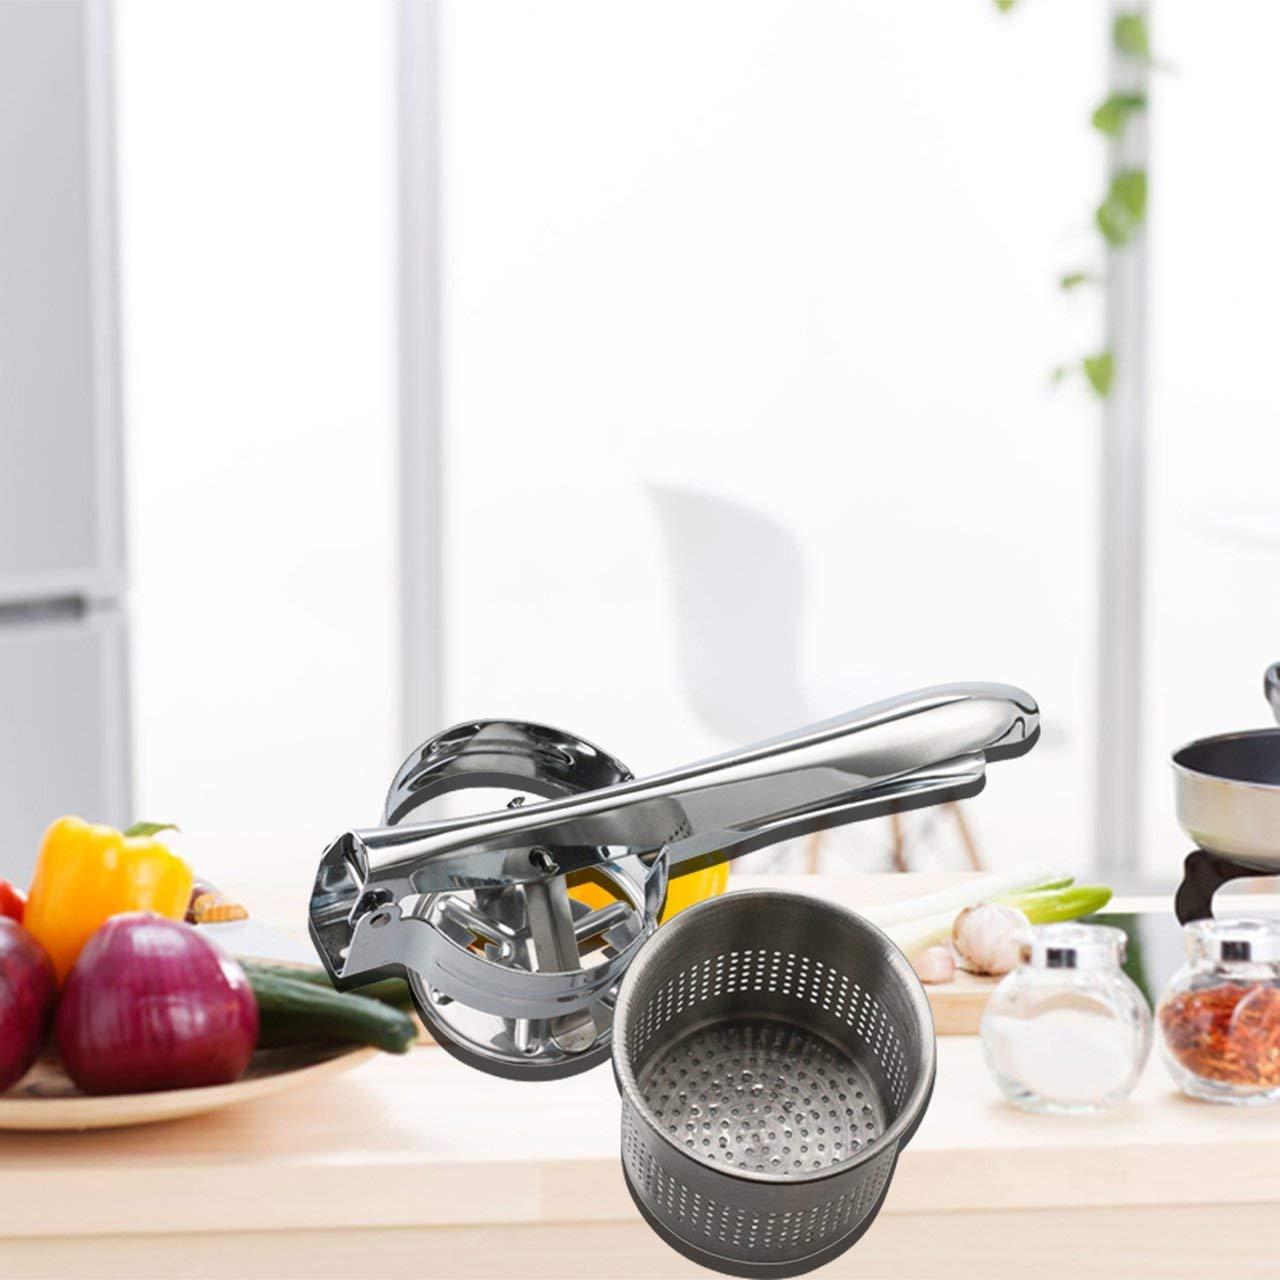 Stainless Steel Potato Ricer Wavy Masher Vegetable Fruit Crusher Kitchen Tool MENYUNYIJI